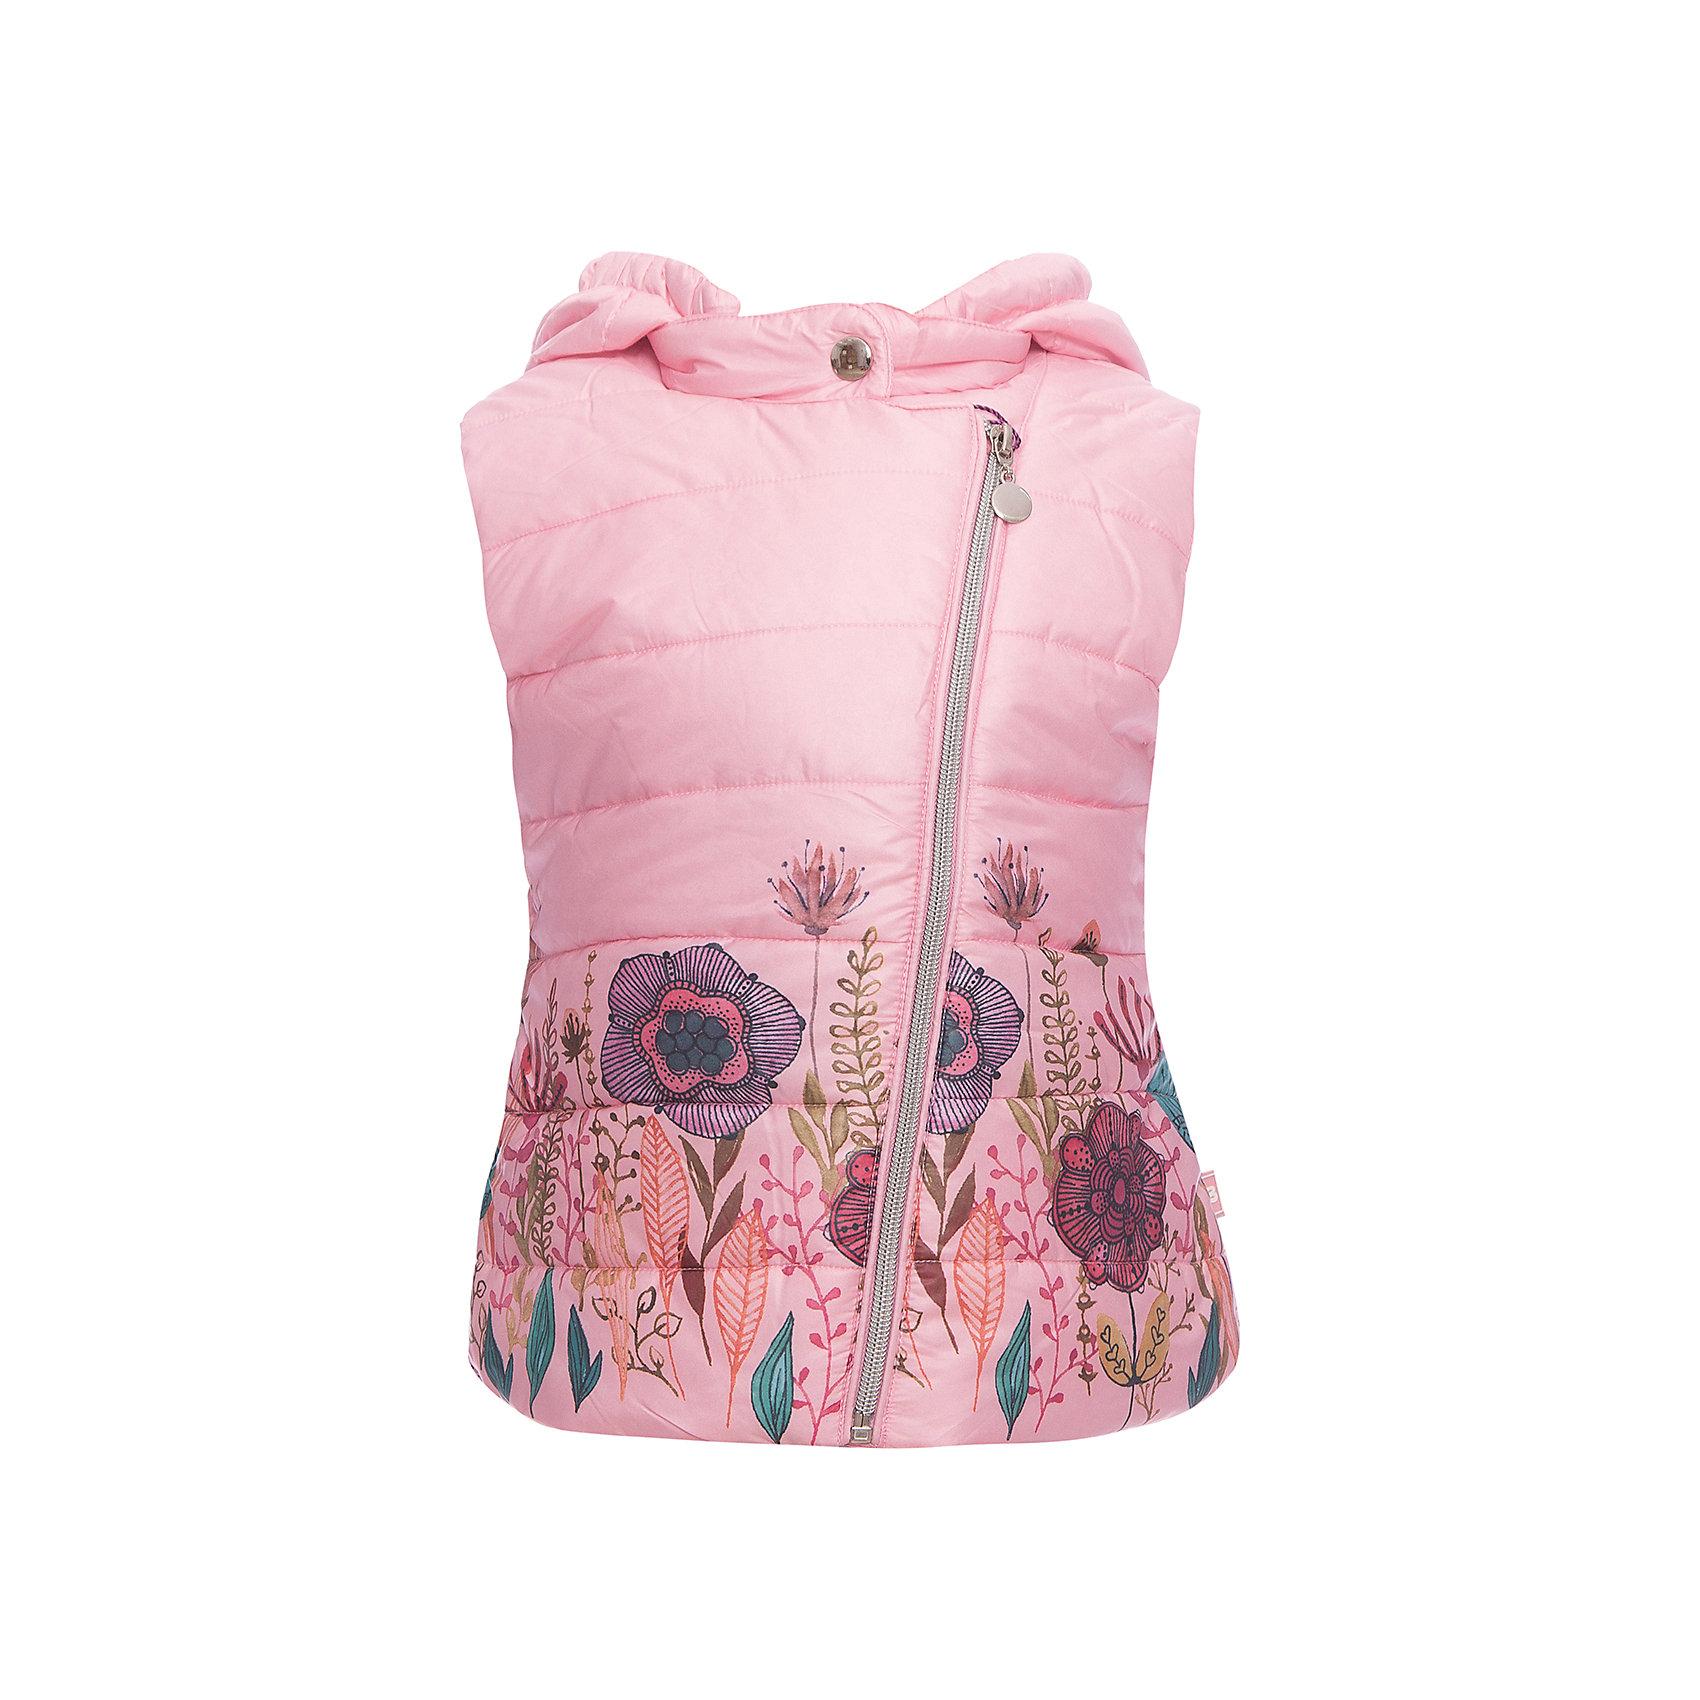 Жилет Sweet Berry для девочкиВерхняя одежда<br>Жилет Sweet Berry для девочки<br>Утепленный стеганный жилет для девочки со съемным капюшоном. Подкладка выполнена из искусственного меха. Низ изделия декорирован цветочным принтом. Застегивается на молнию.<br>Состав:<br>Верх: 100% полиэстер Подкладка: 100% полиэстер Наполнитель: 100% полиэстер<br><br>Ширина мм: 190<br>Глубина мм: 74<br>Высота мм: 229<br>Вес г: 236<br>Цвет: розовый<br>Возраст от месяцев: 84<br>Возраст до месяцев: 96<br>Пол: Женский<br>Возраст: Детский<br>Размер: 128,98,104,110,116,122<br>SKU: 7093908